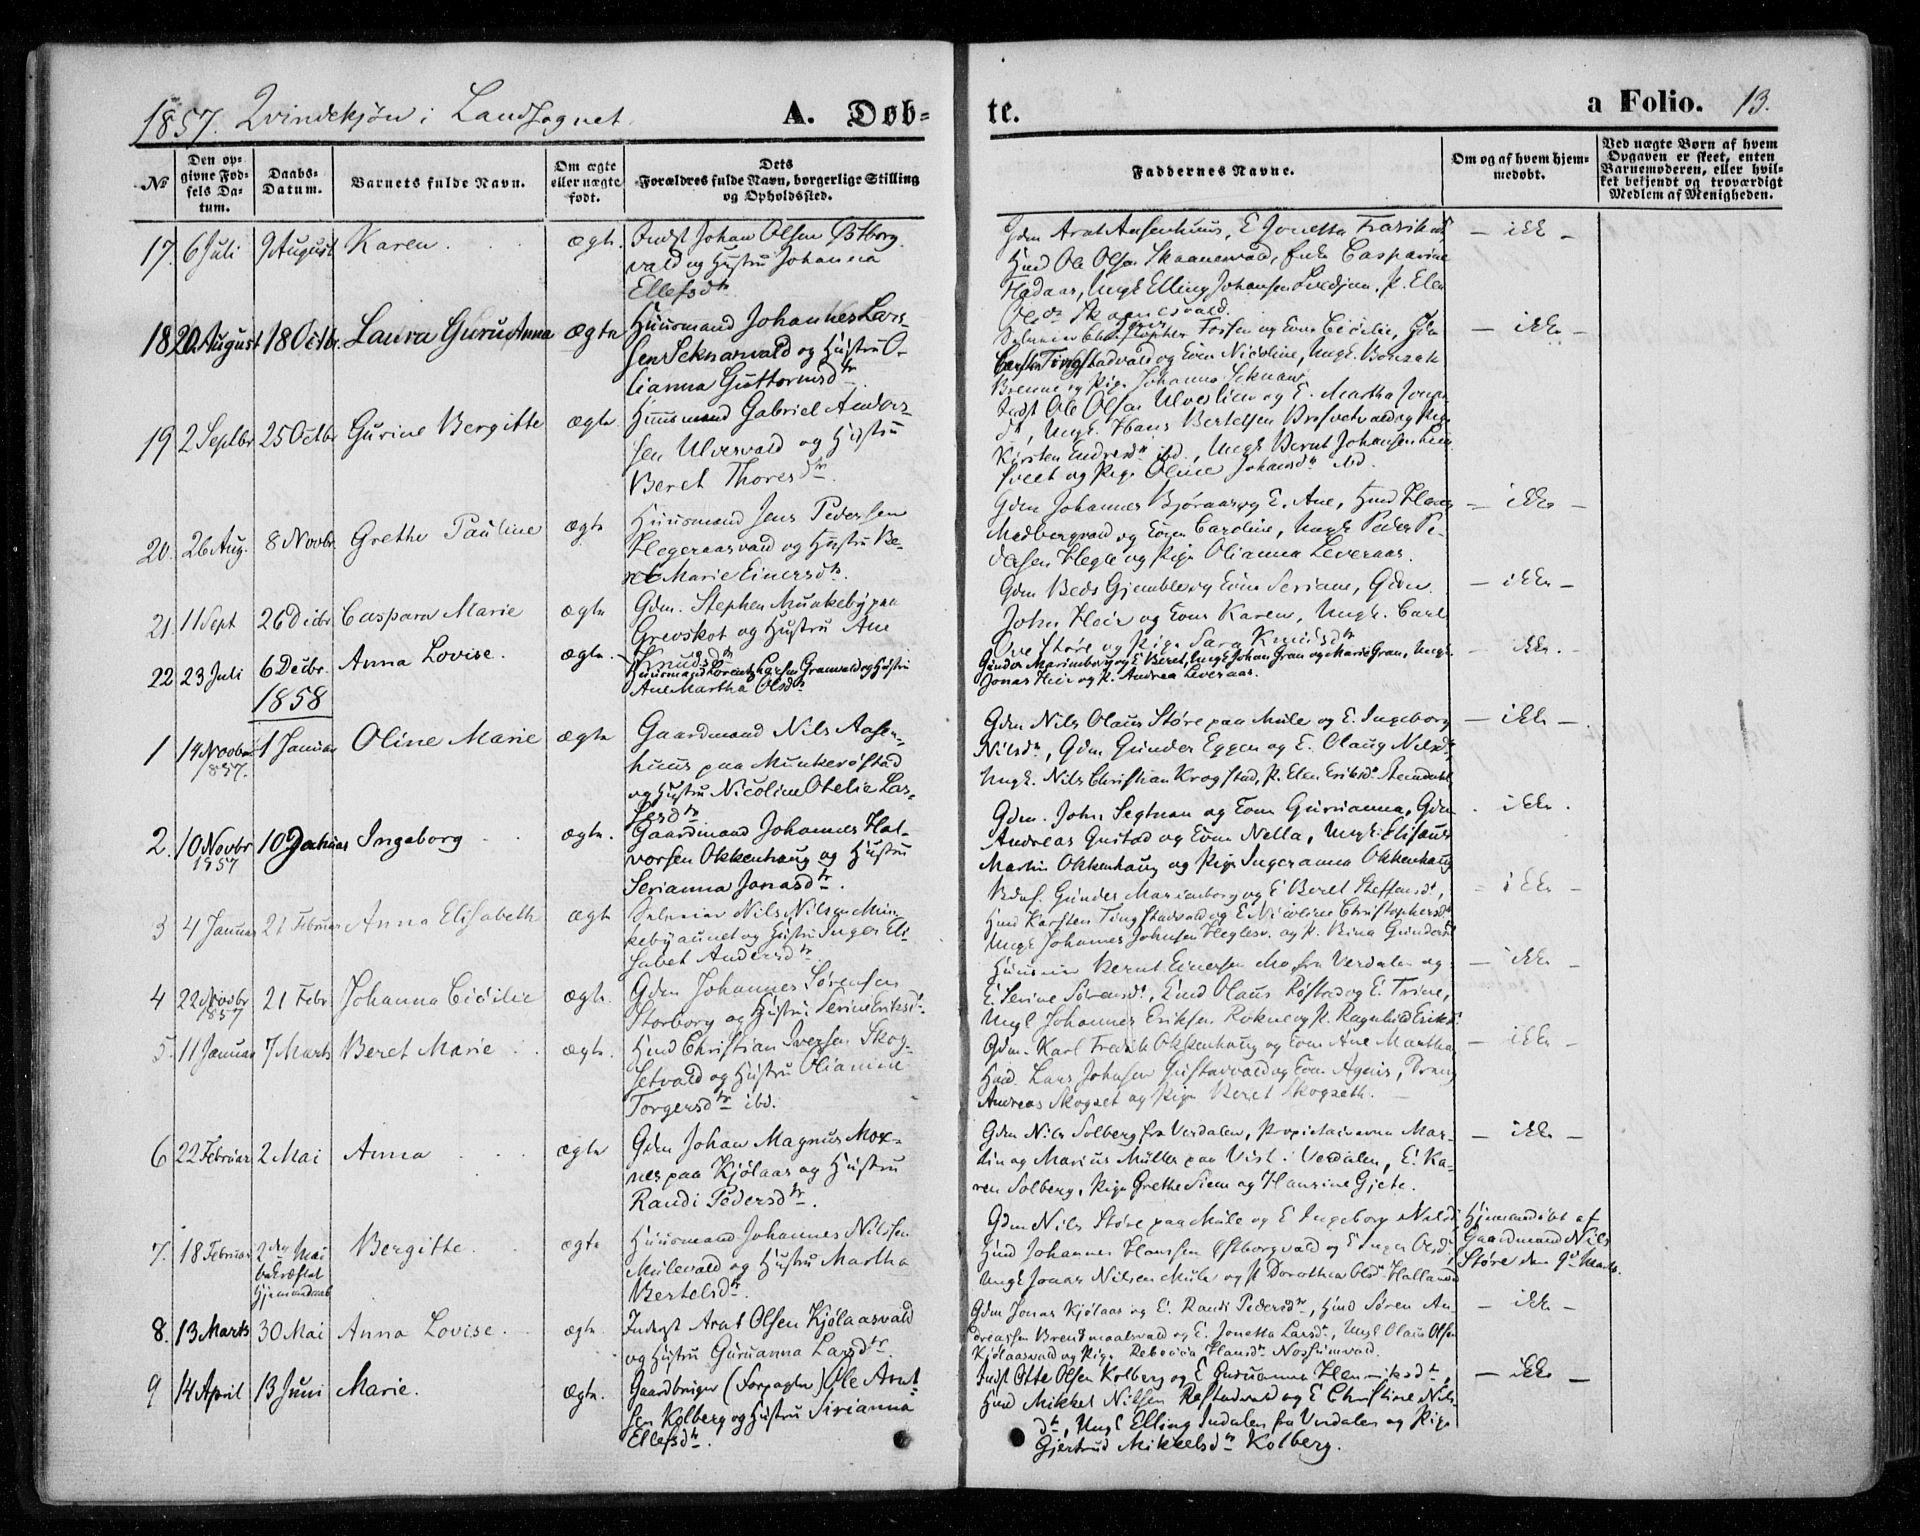 SAT, Ministerialprotokoller, klokkerbøker og fødselsregistre - Nord-Trøndelag, 720/L0184: Ministerialbok nr. 720A02 /2, 1855-1863, s. 13